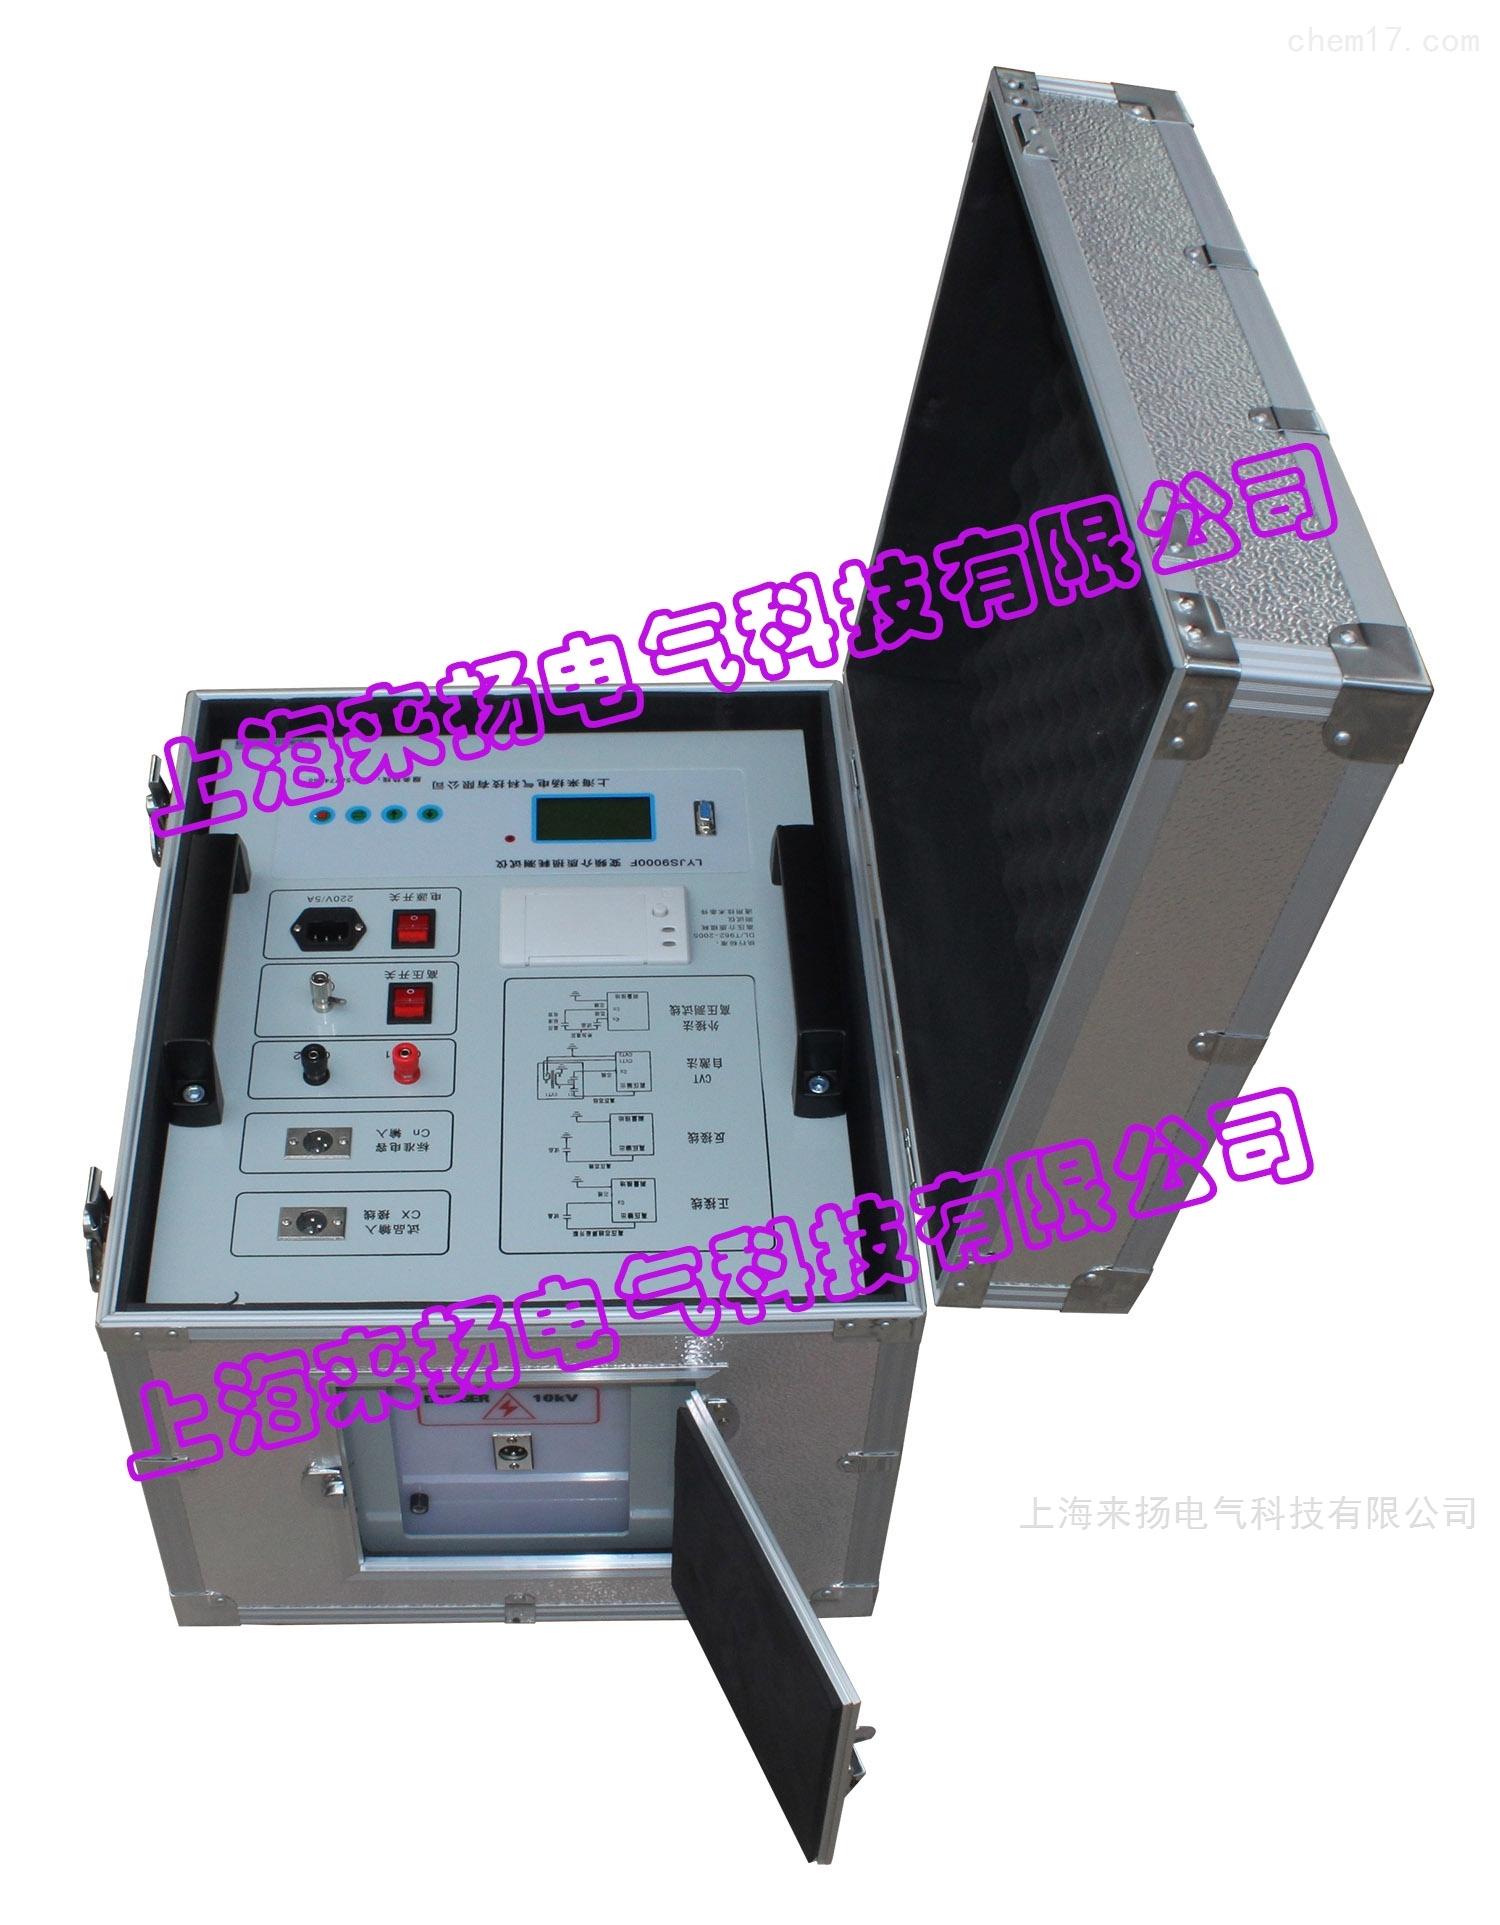 变频介质损耗测试系统